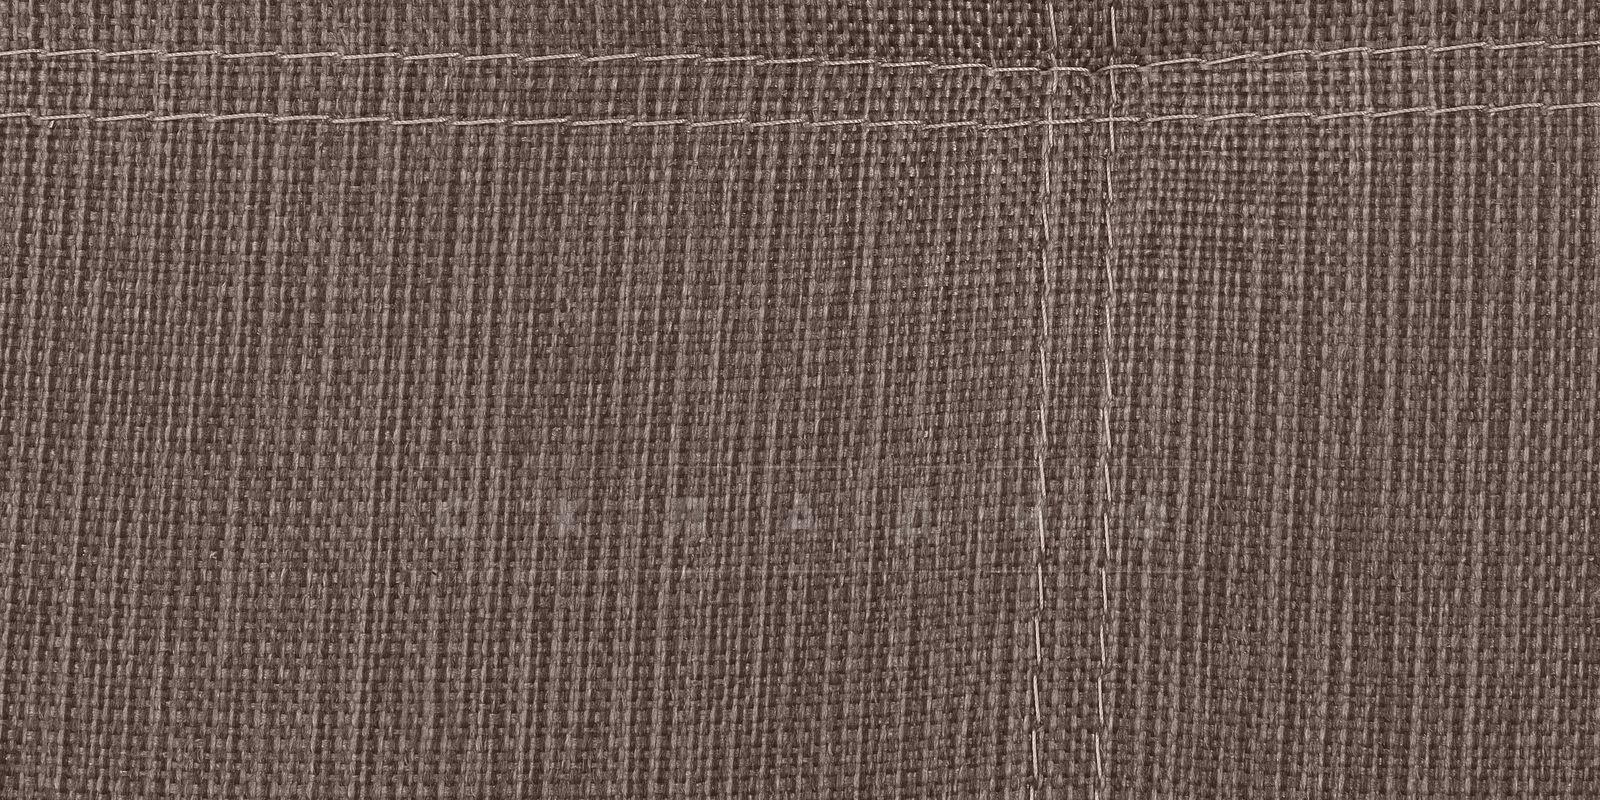 Диван Атланта рогожка коричневого цвета фото 8 | интернет-магазин Складно